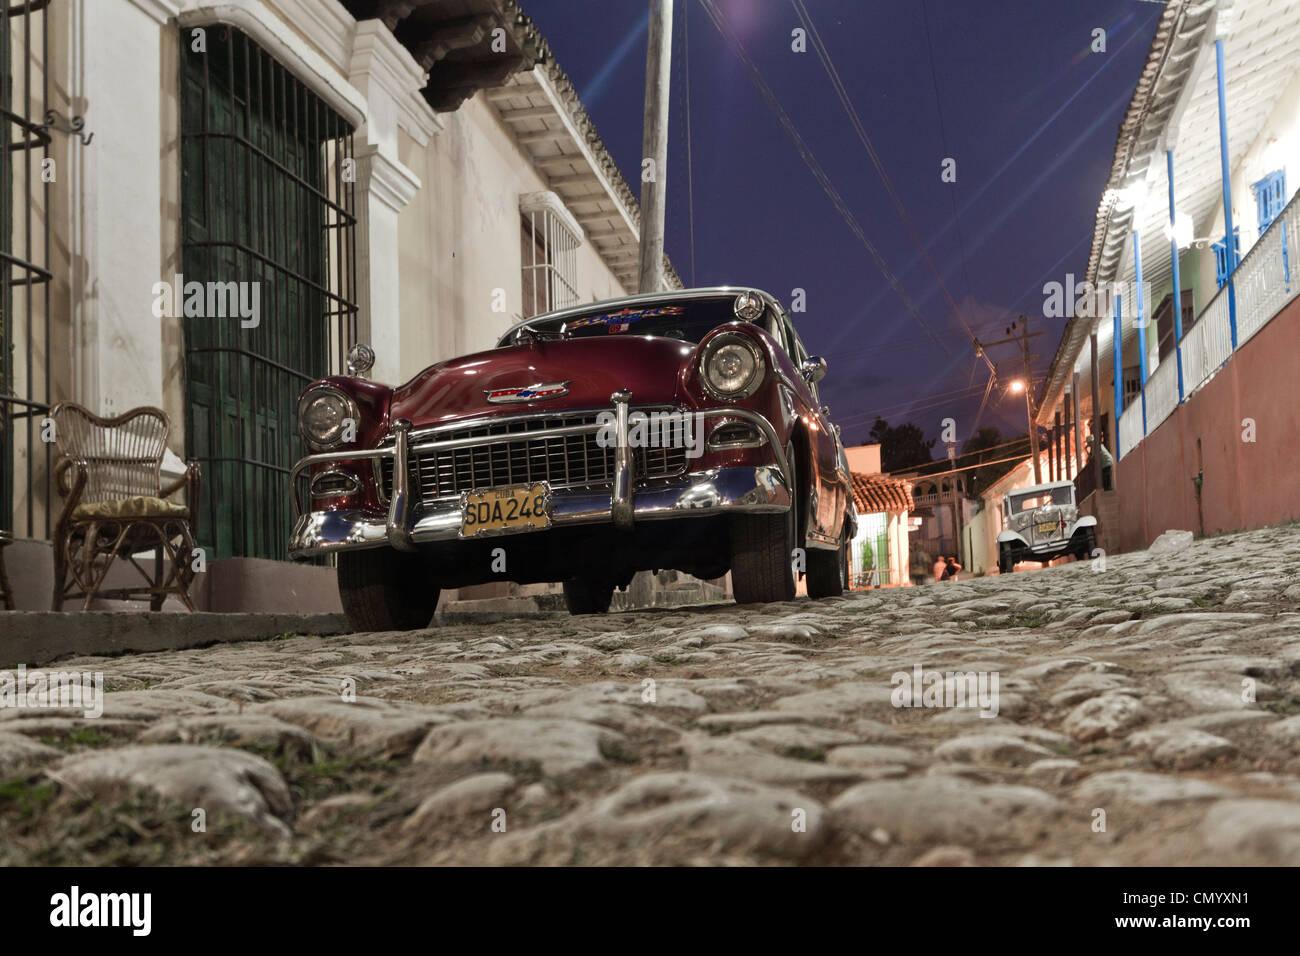 Oldtimer, Straße mit Kopfsteinpflaster, große Antillen, Antillen, Karibik, West Indies, Trinidad, Kuba, Stockbild